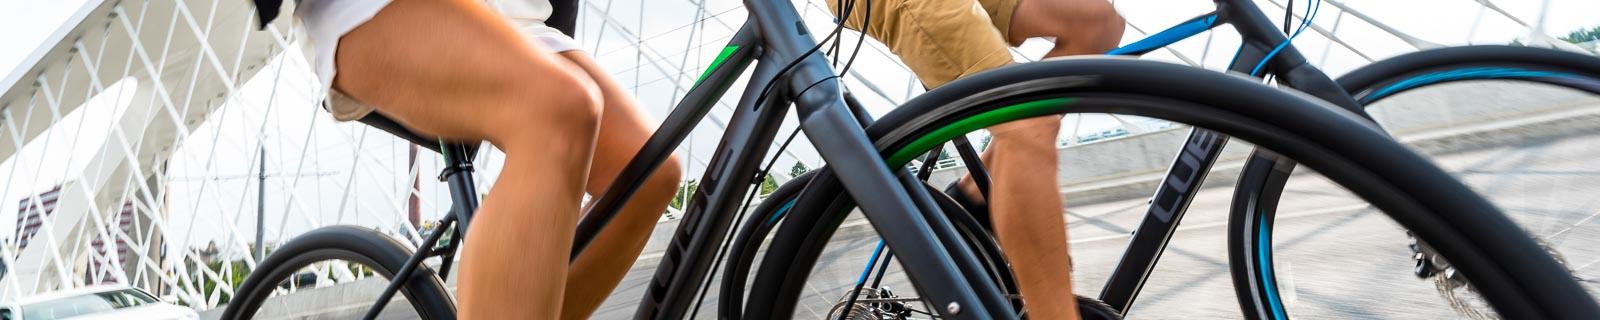 Biciclette da Fitness per Donne